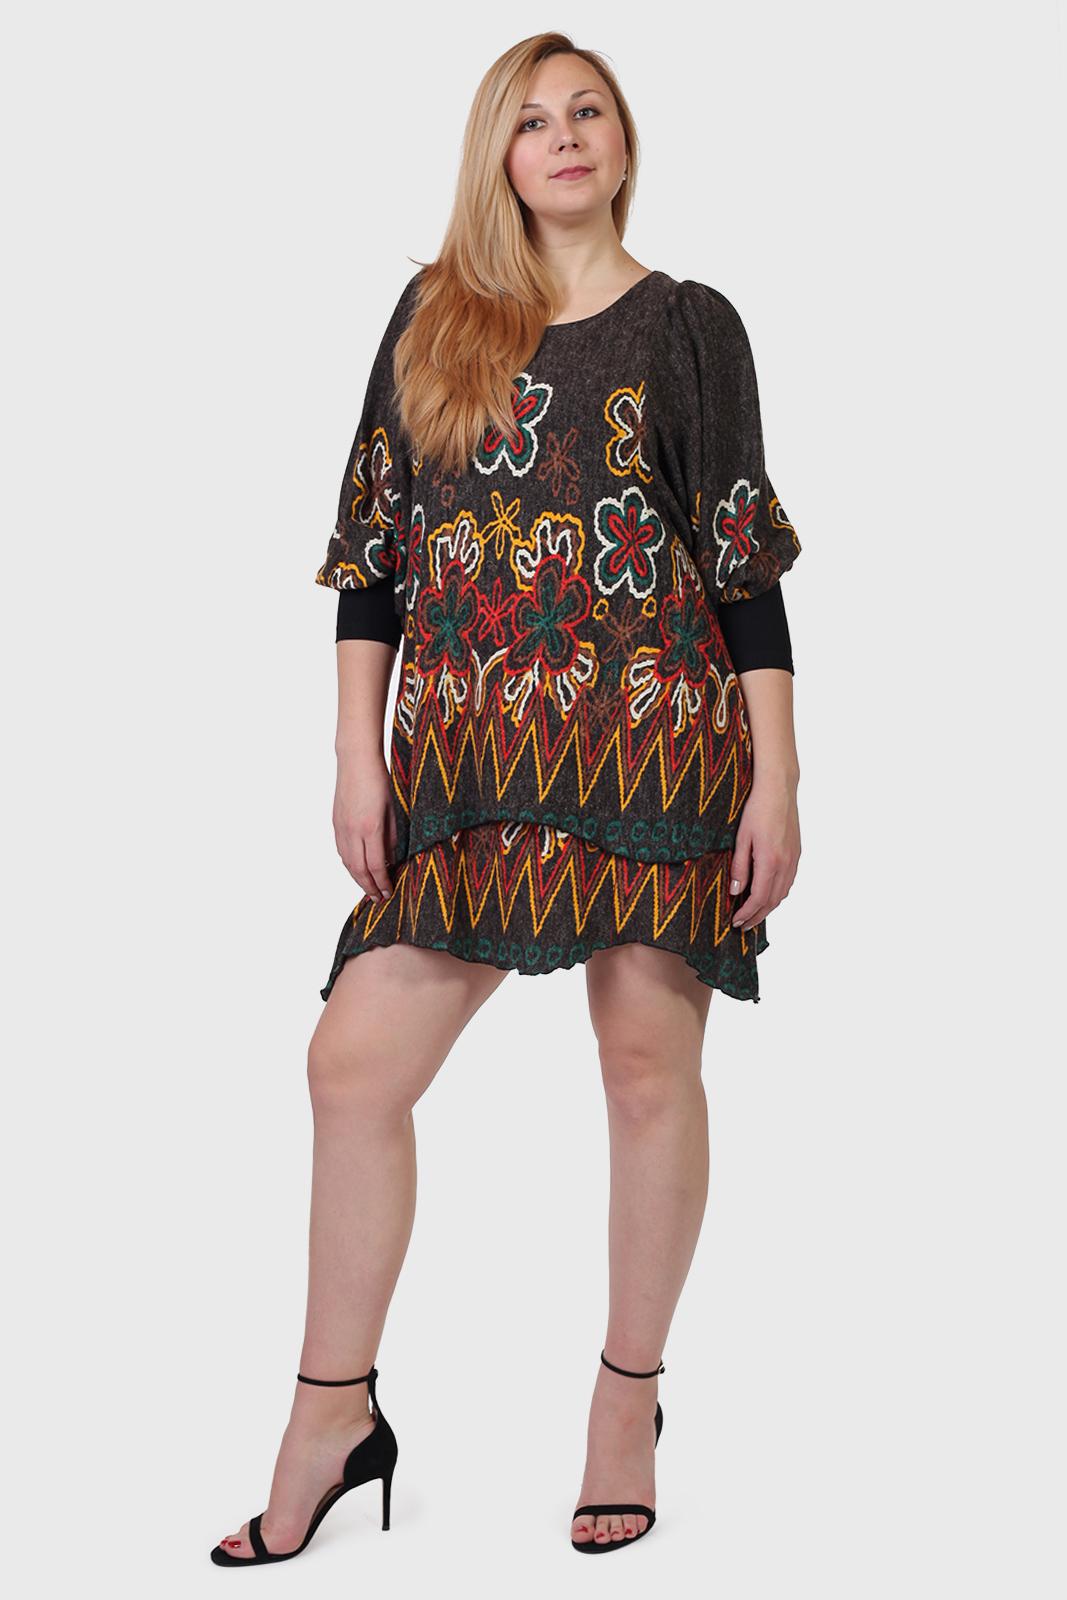 Платье в БОХР стиле от ТМ Sand Studio